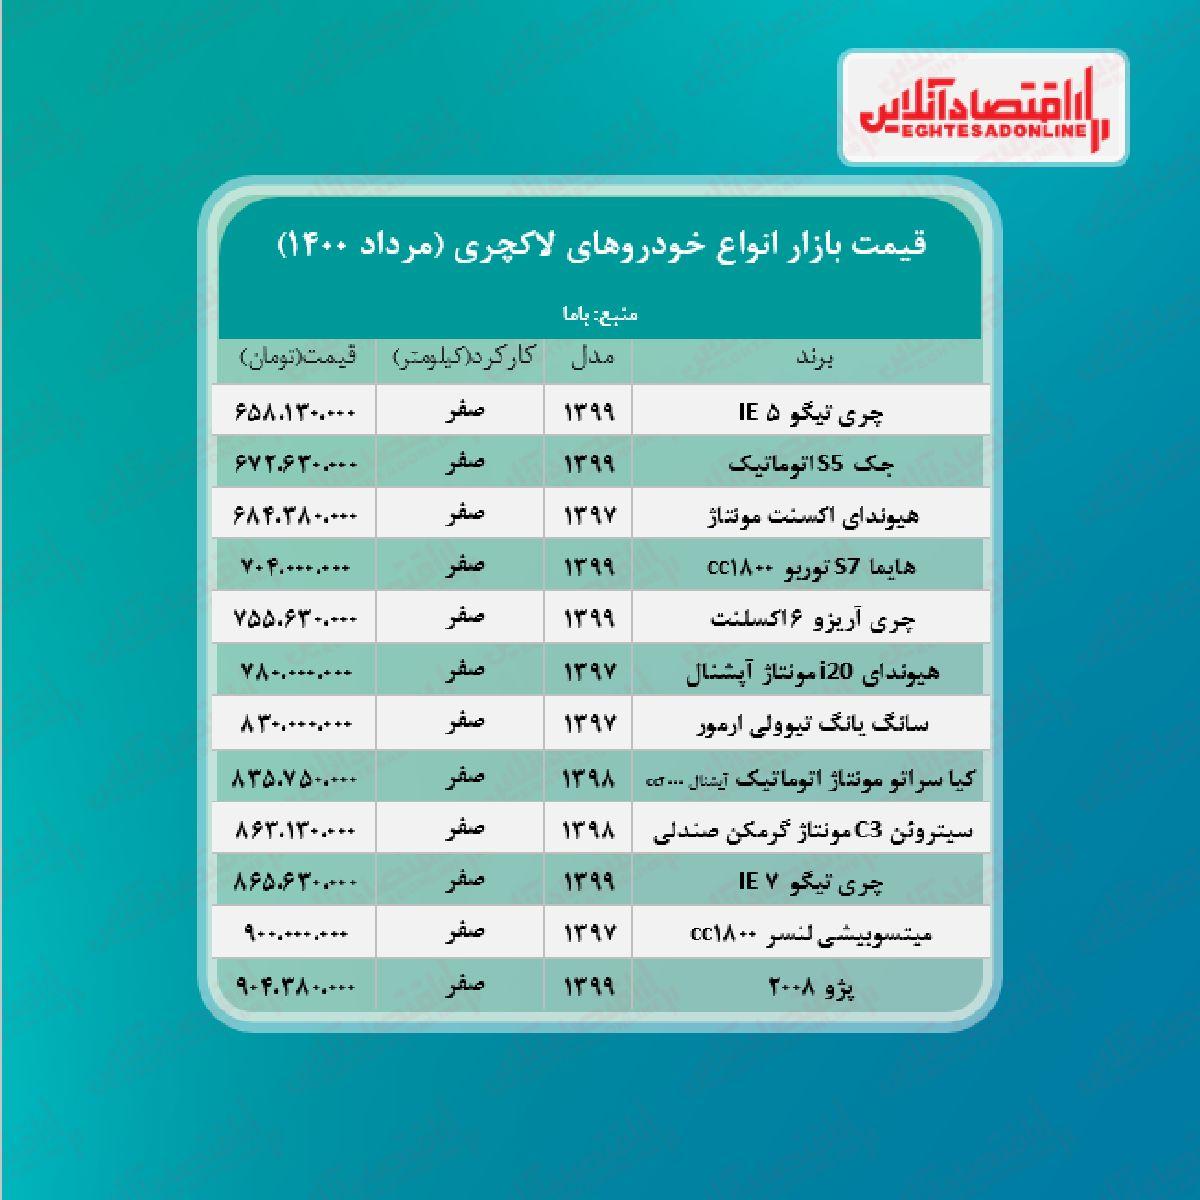 قیمت خودروهای لاکچری + جدول